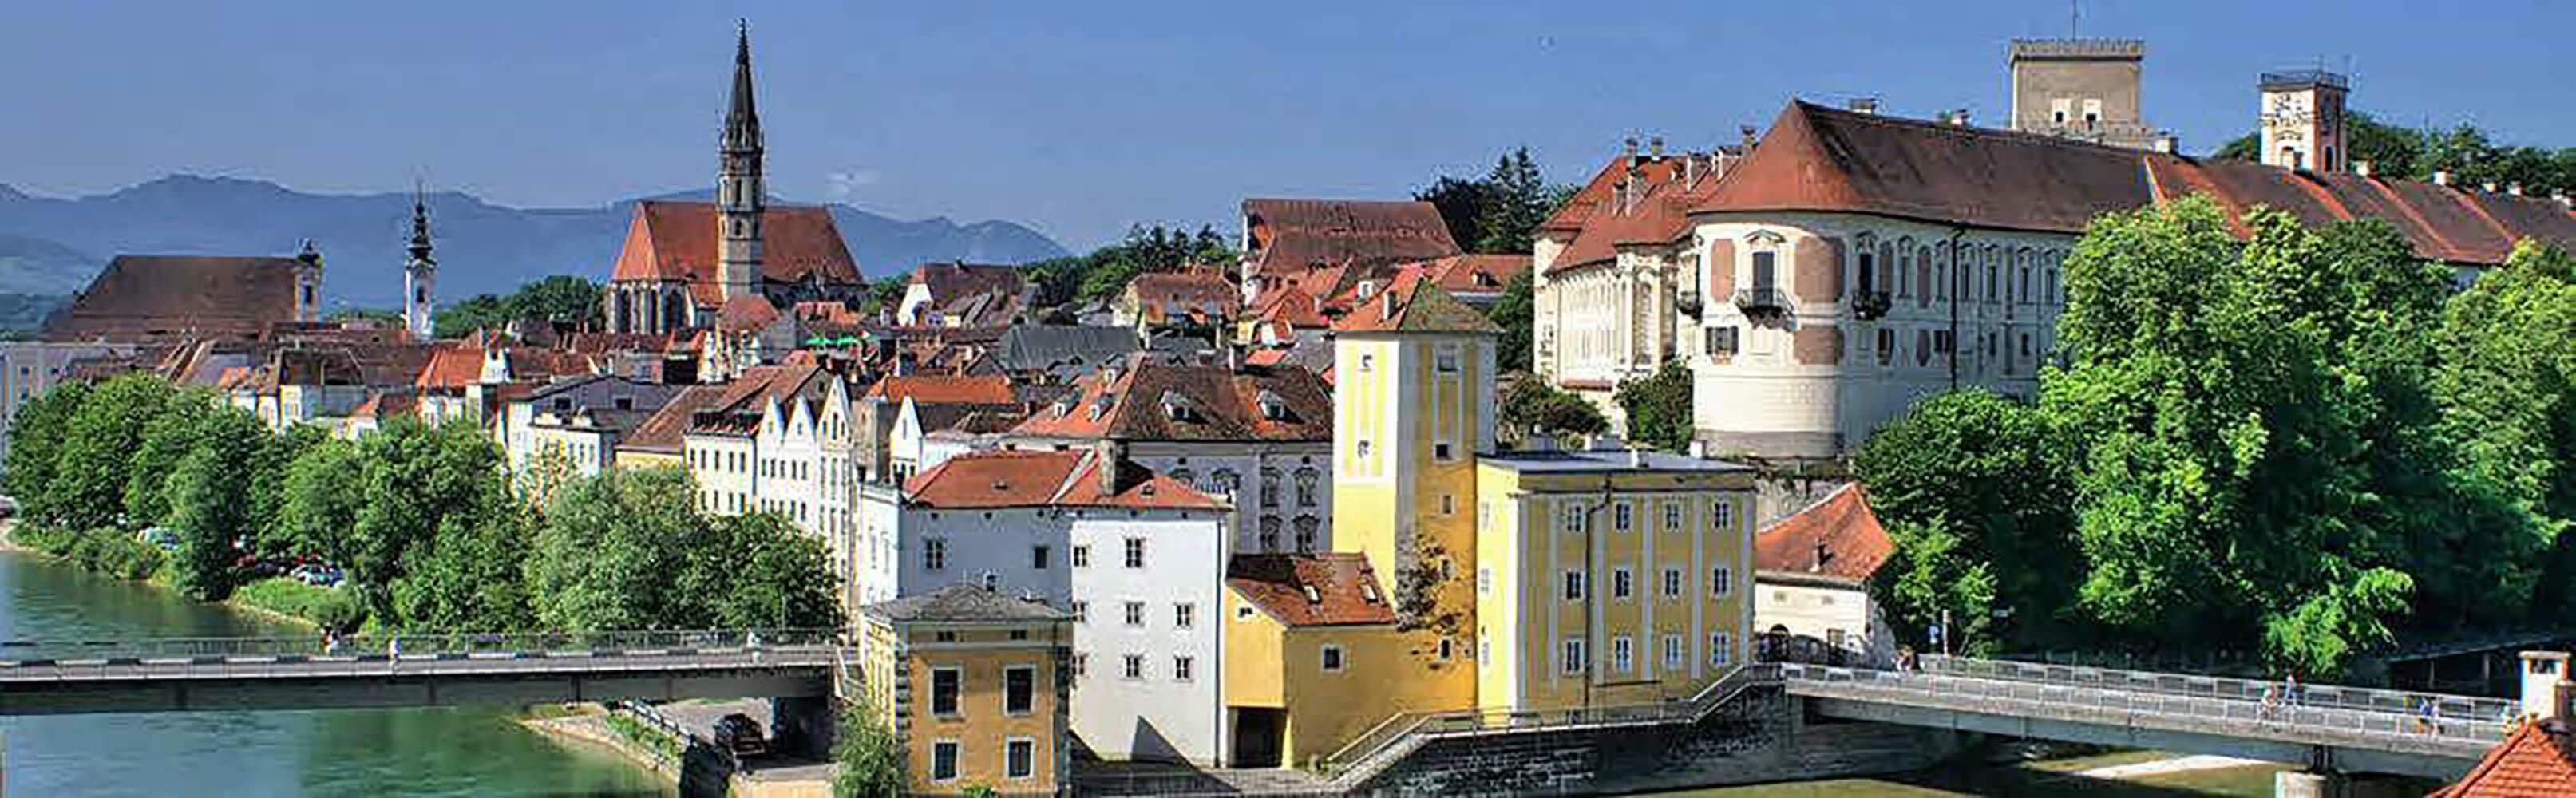 Die Stadt Steyr in Oberösterreich 1